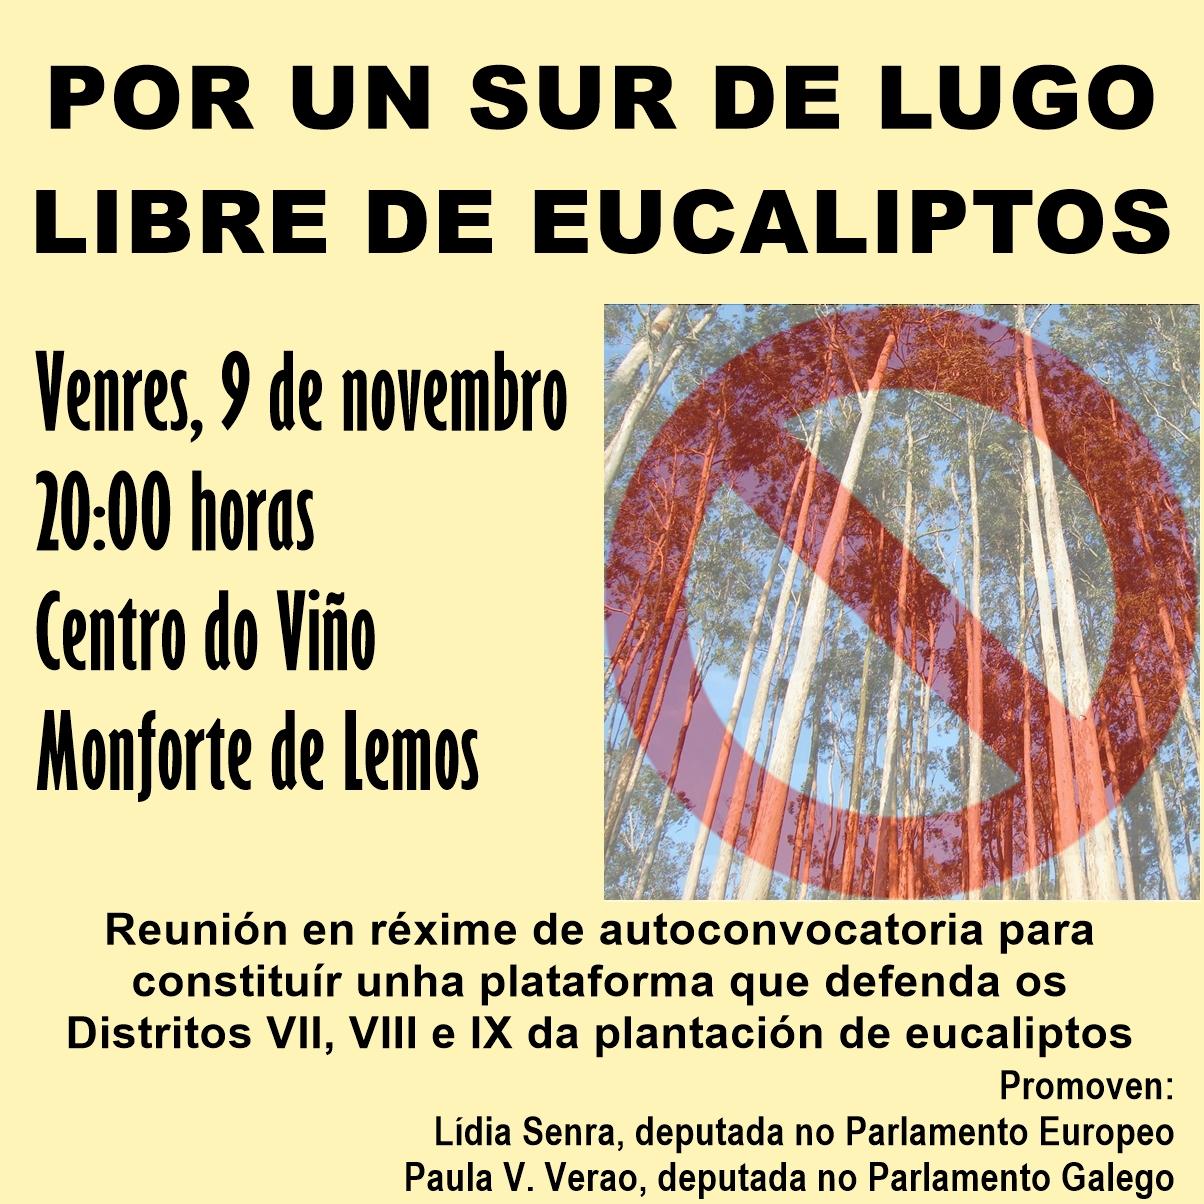 Cartel convocatoria Por un sur de Lugo libre de eucaliptos 091118